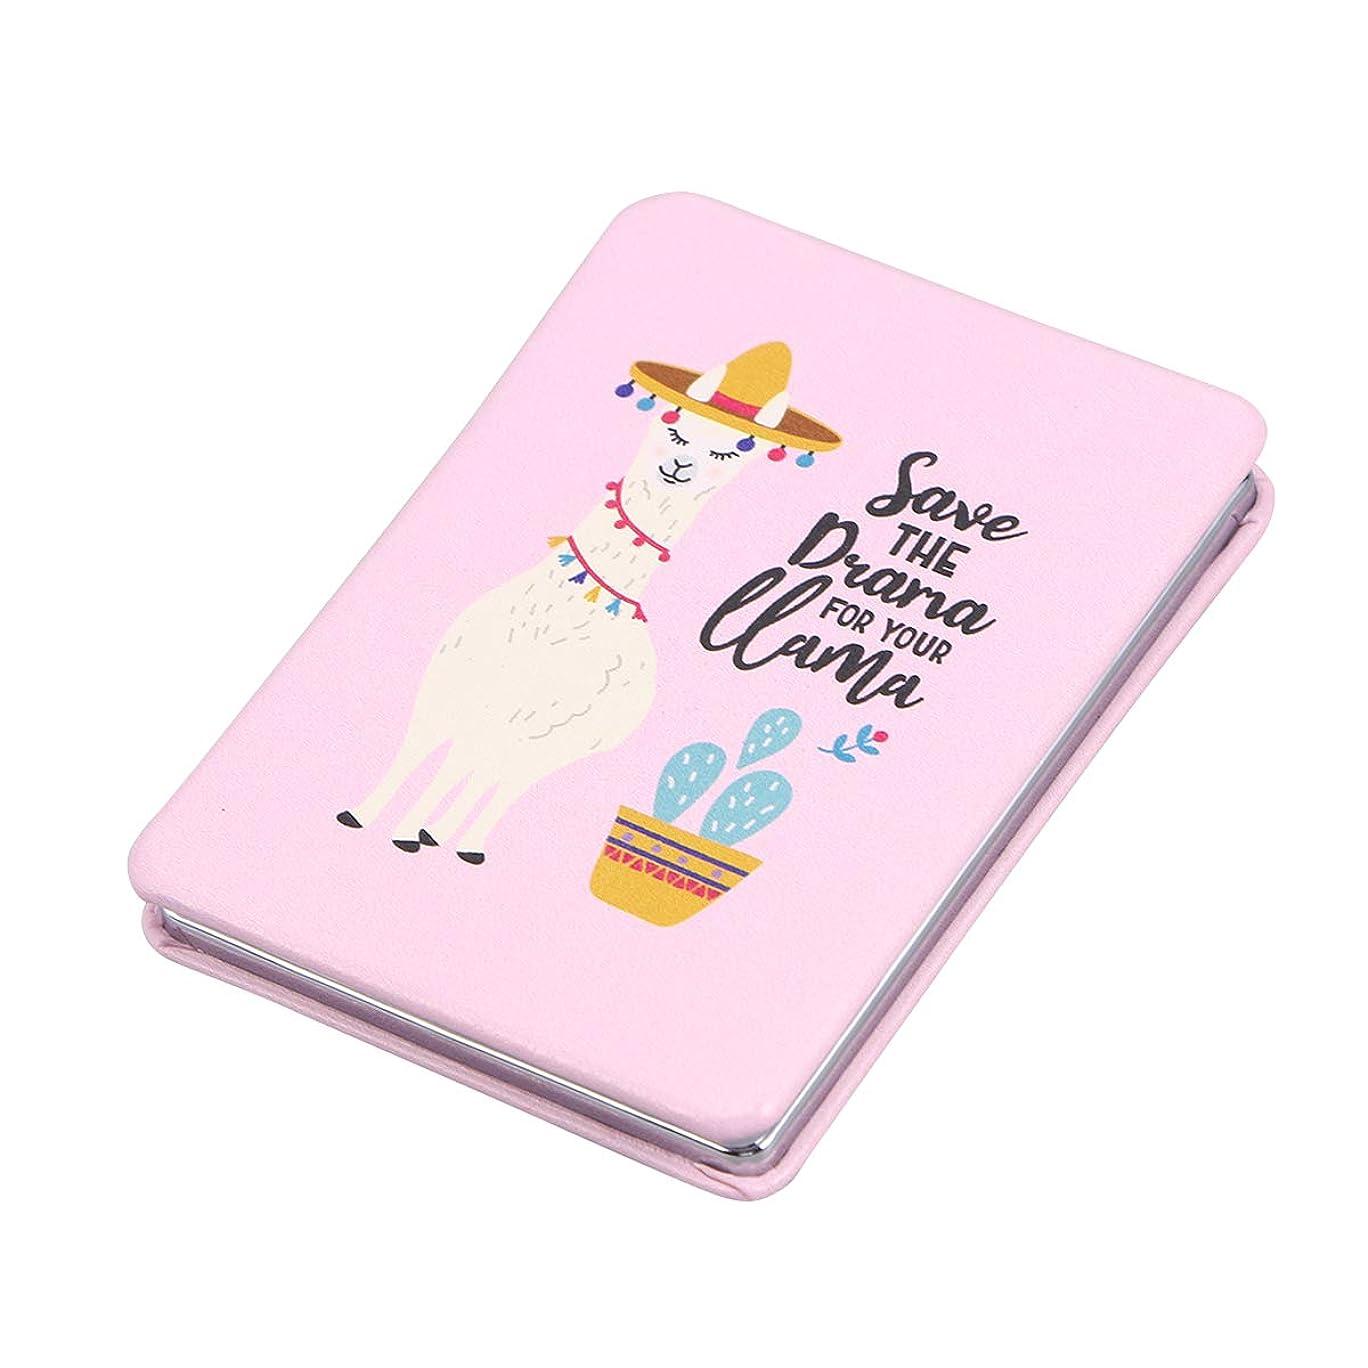 プランター切り離す見るFrcolor 化粧鏡 携帯ミラー 両面 ポケットミラー 折りたたみ 長方形 化粧ミラー コンパクトミラー 持ち運びに便利 おしゃれ(ピンク)ミラー女性のための女性(アルパカパターン3)